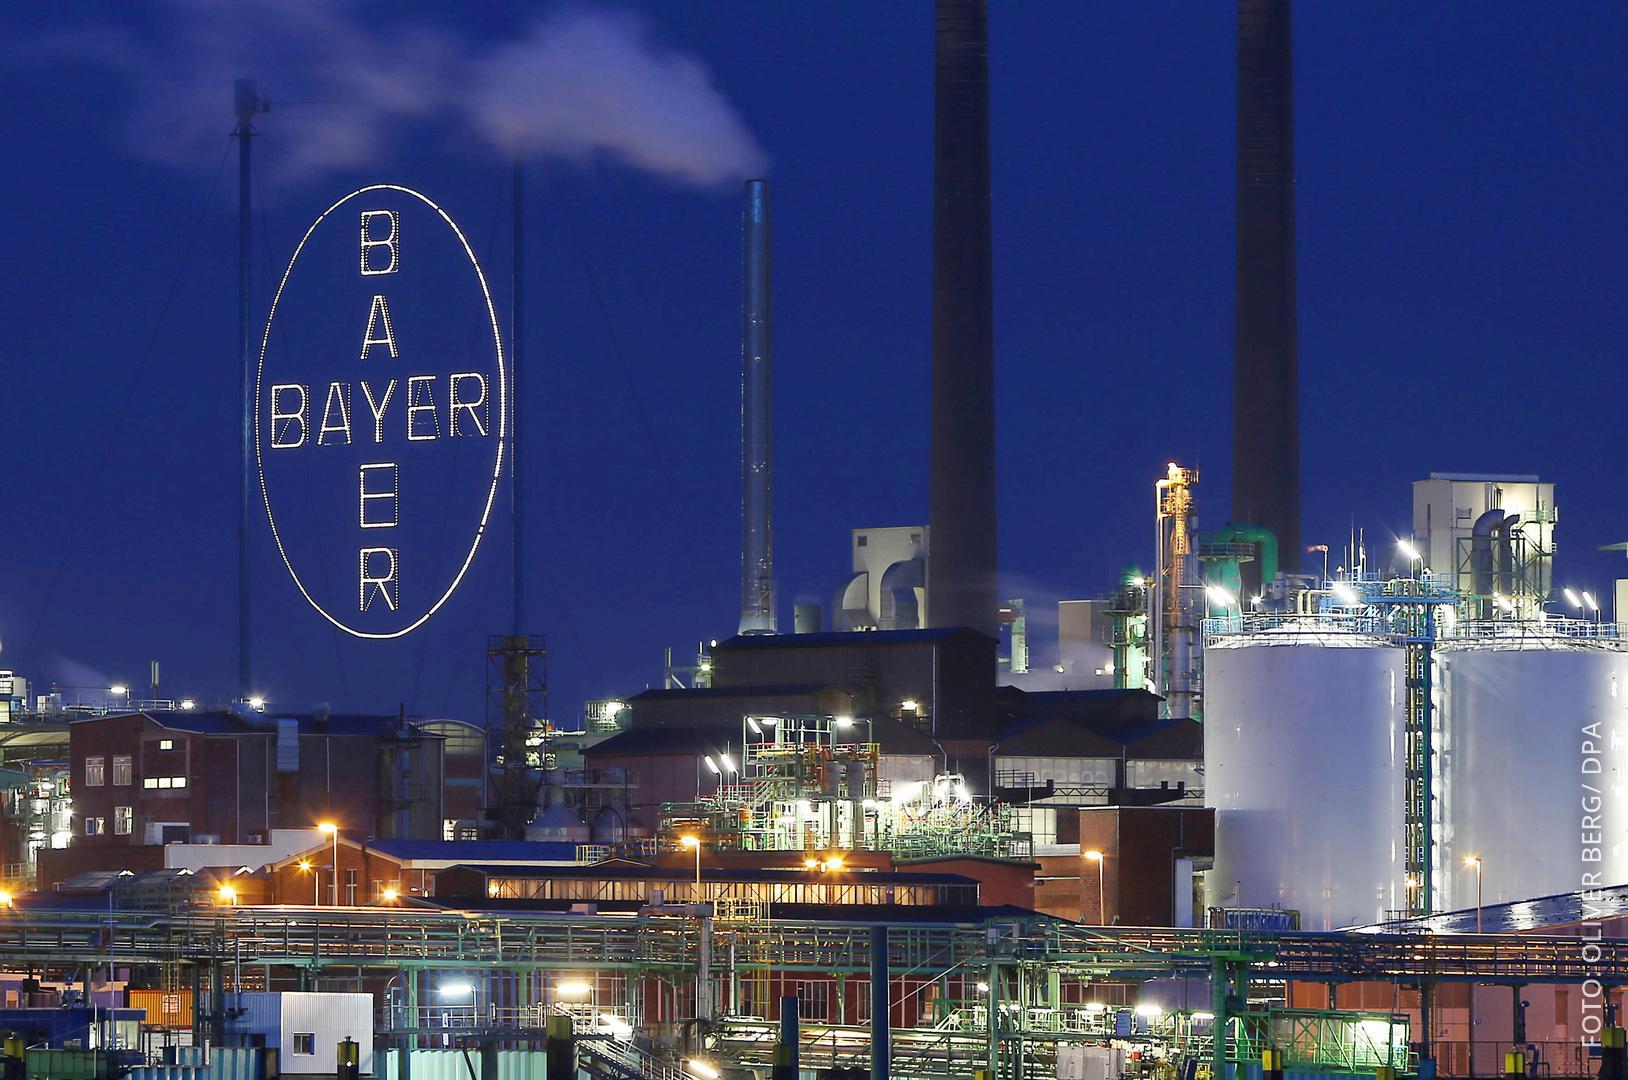 Das Bayer-Kreuz im Chemiewerk in Leverkusen